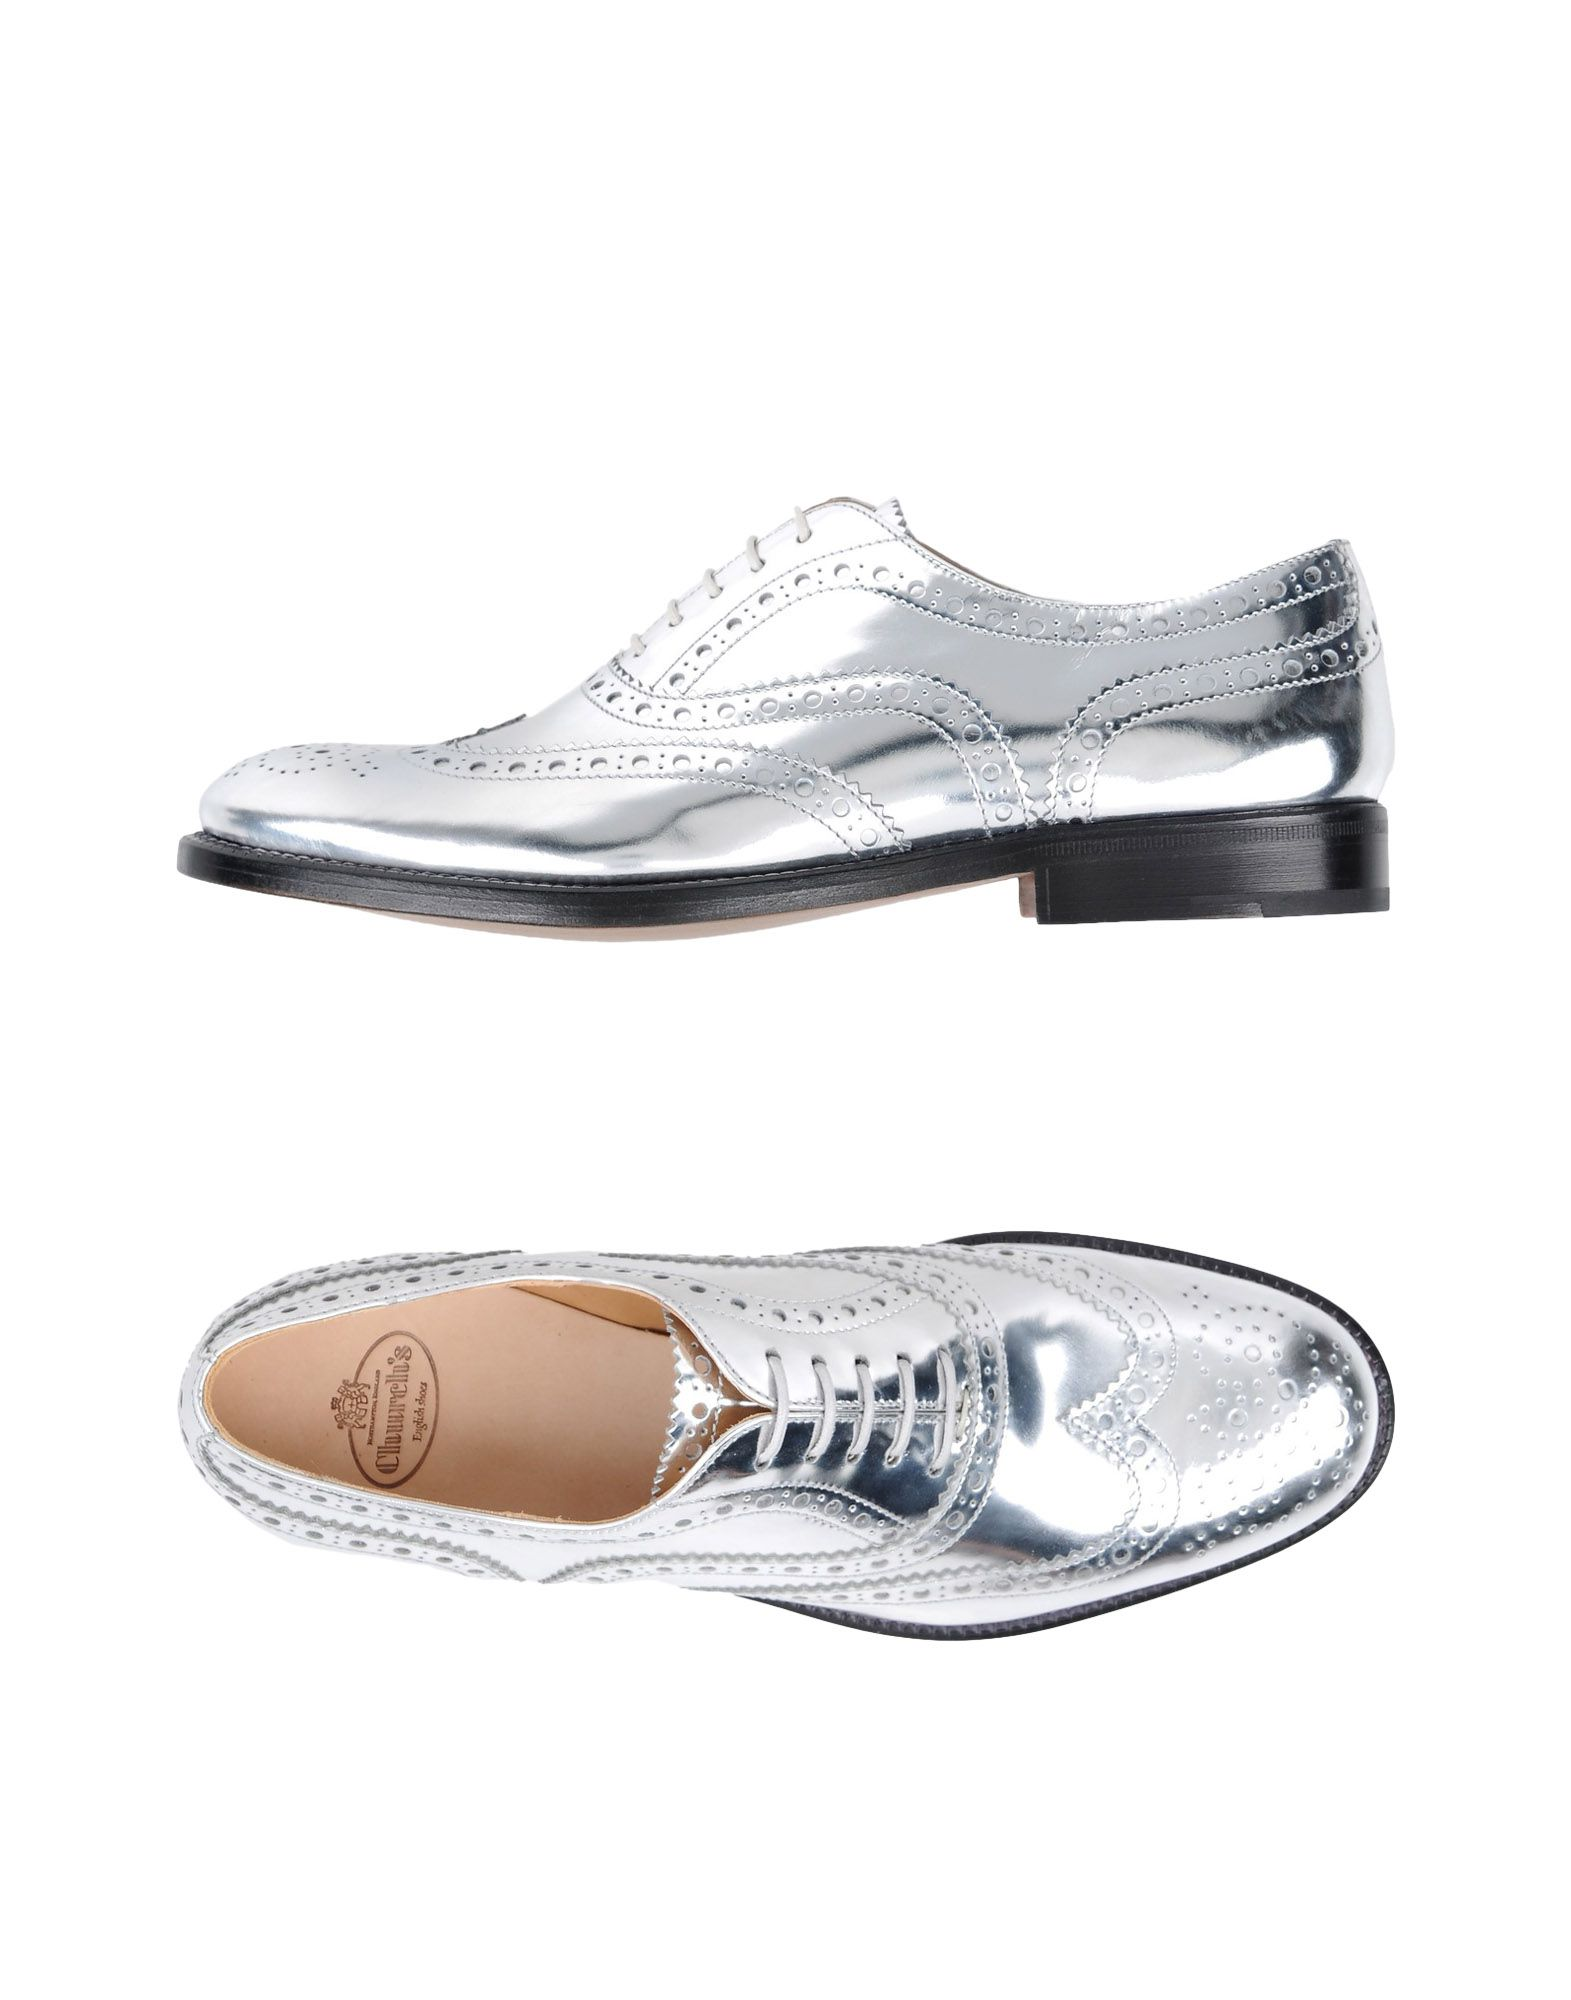 eef32ebe6785e Scarpe Oxford donna  scarpe eleganti